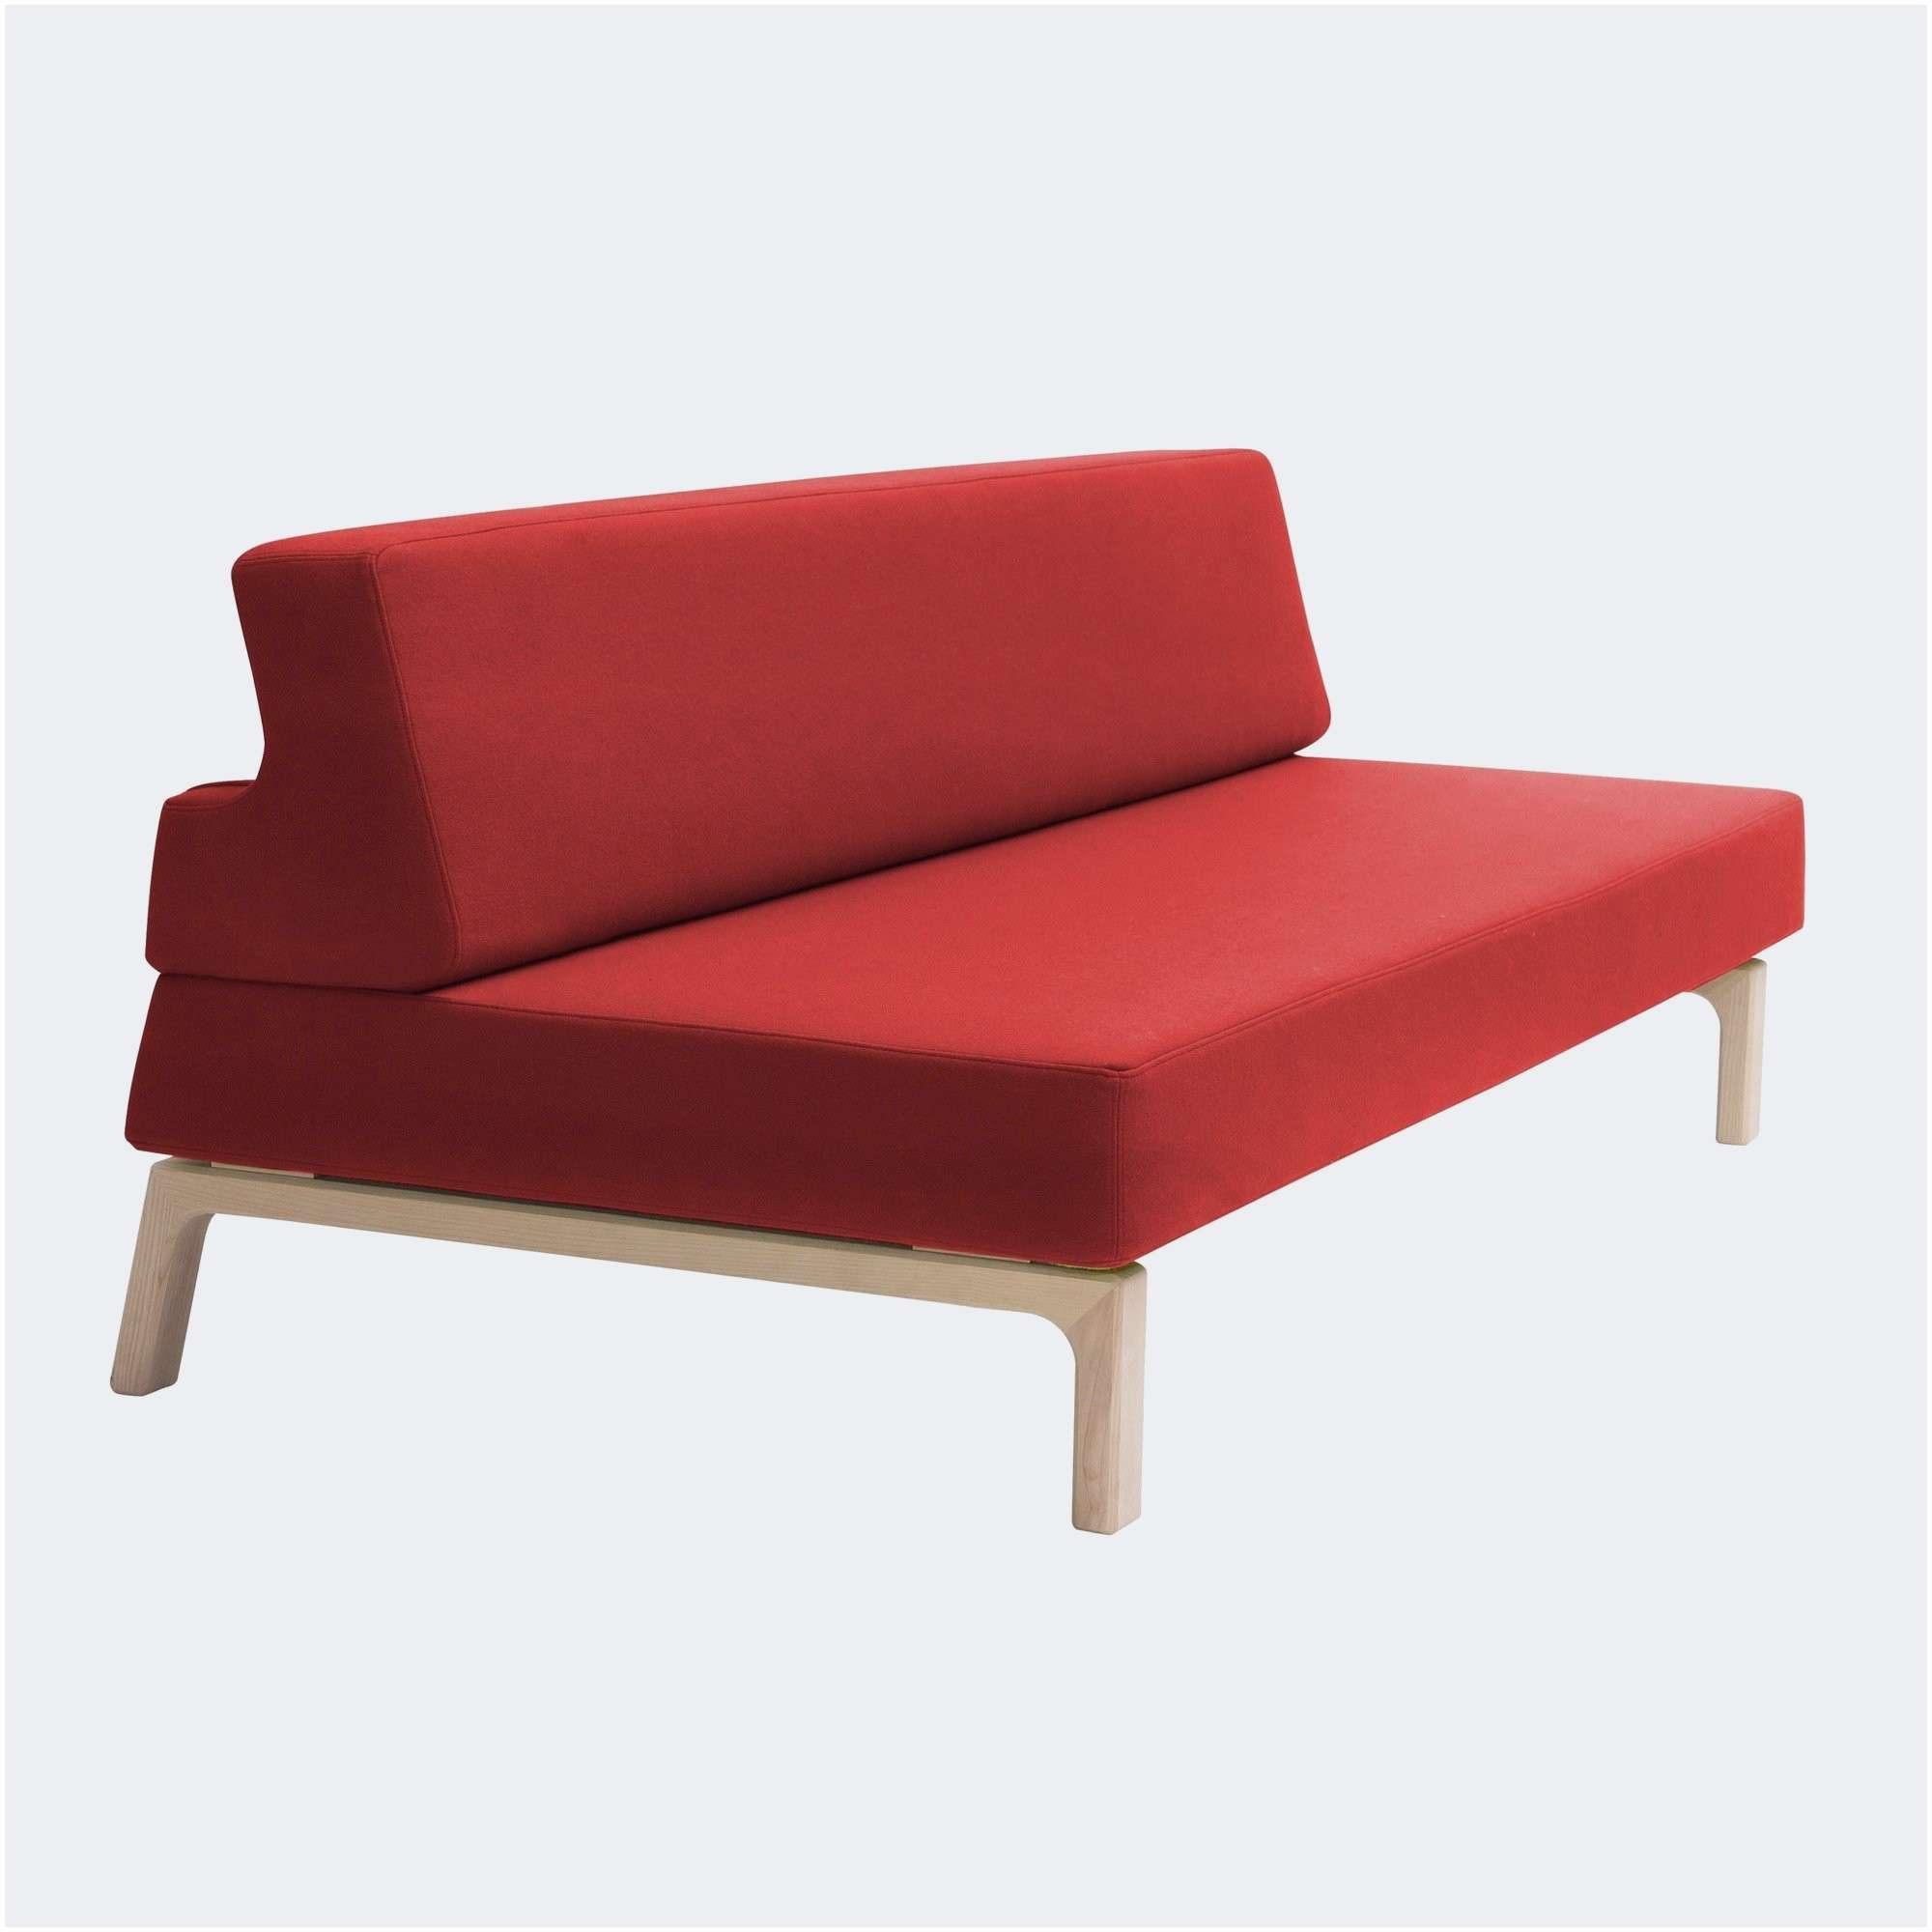 Unique Canapé 3 Places Ikea Inspirant Canap D Angle Imitation Cuir